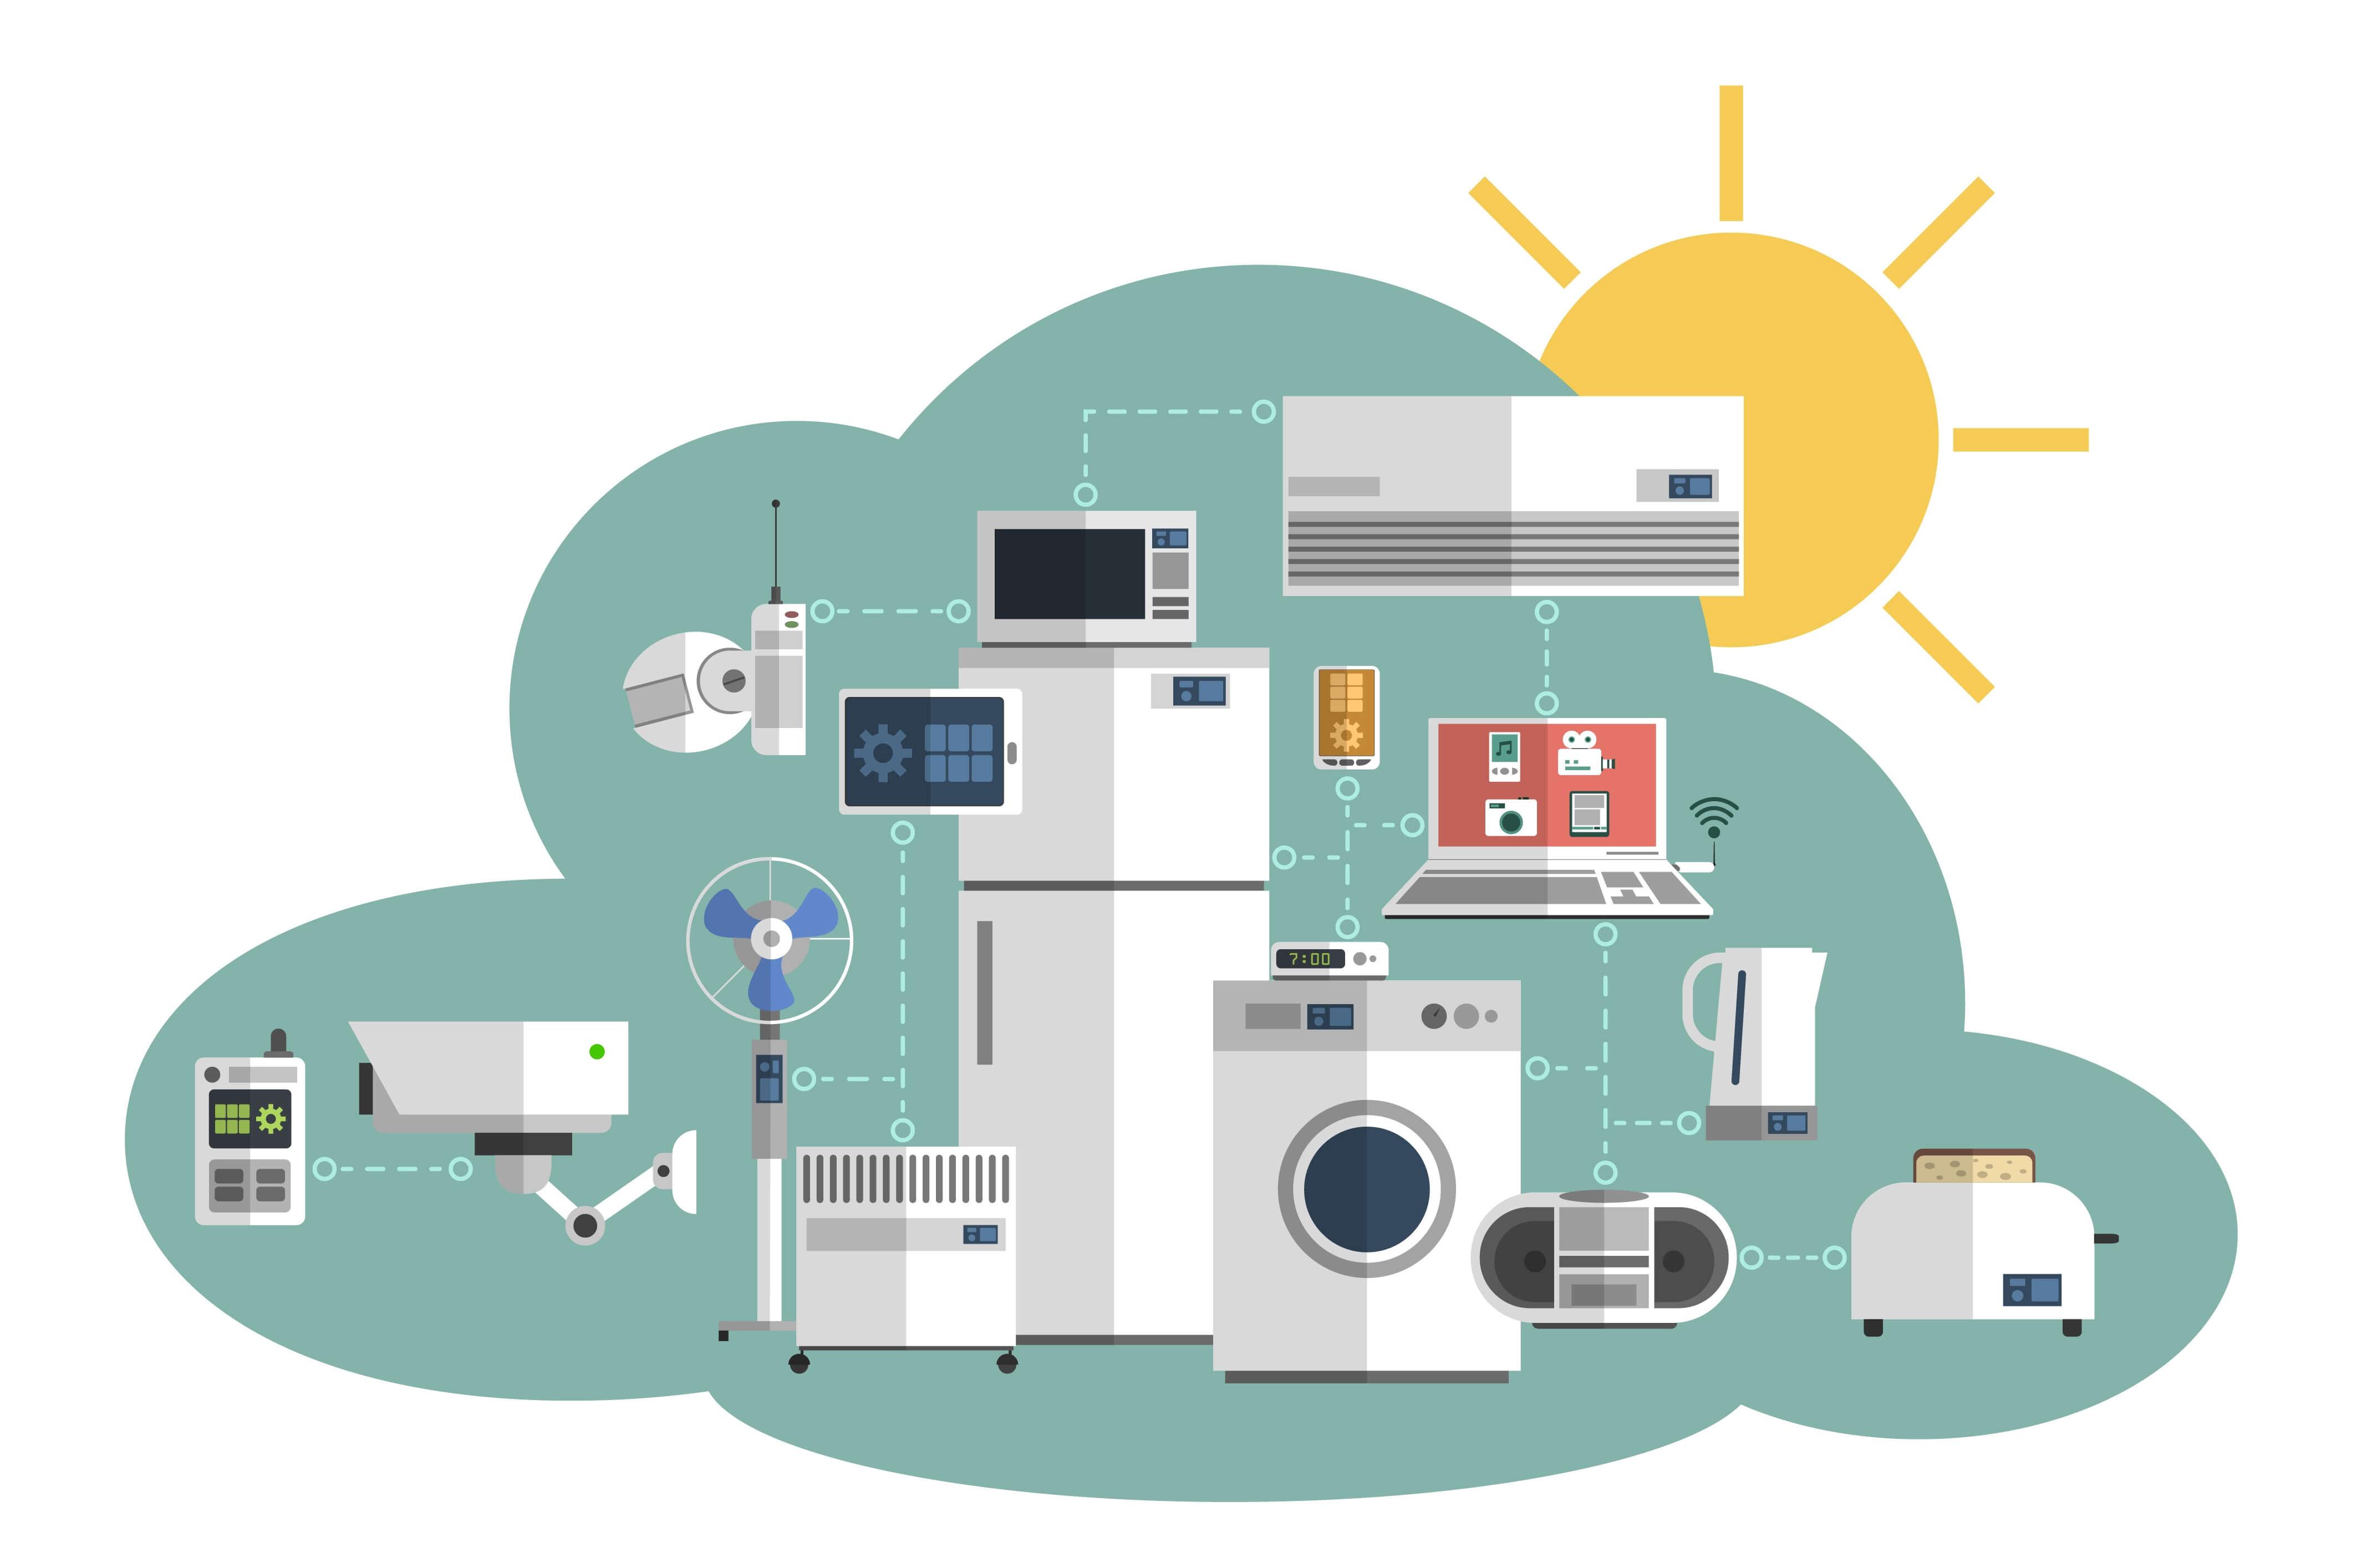 IOT_internet_of_things.jpg